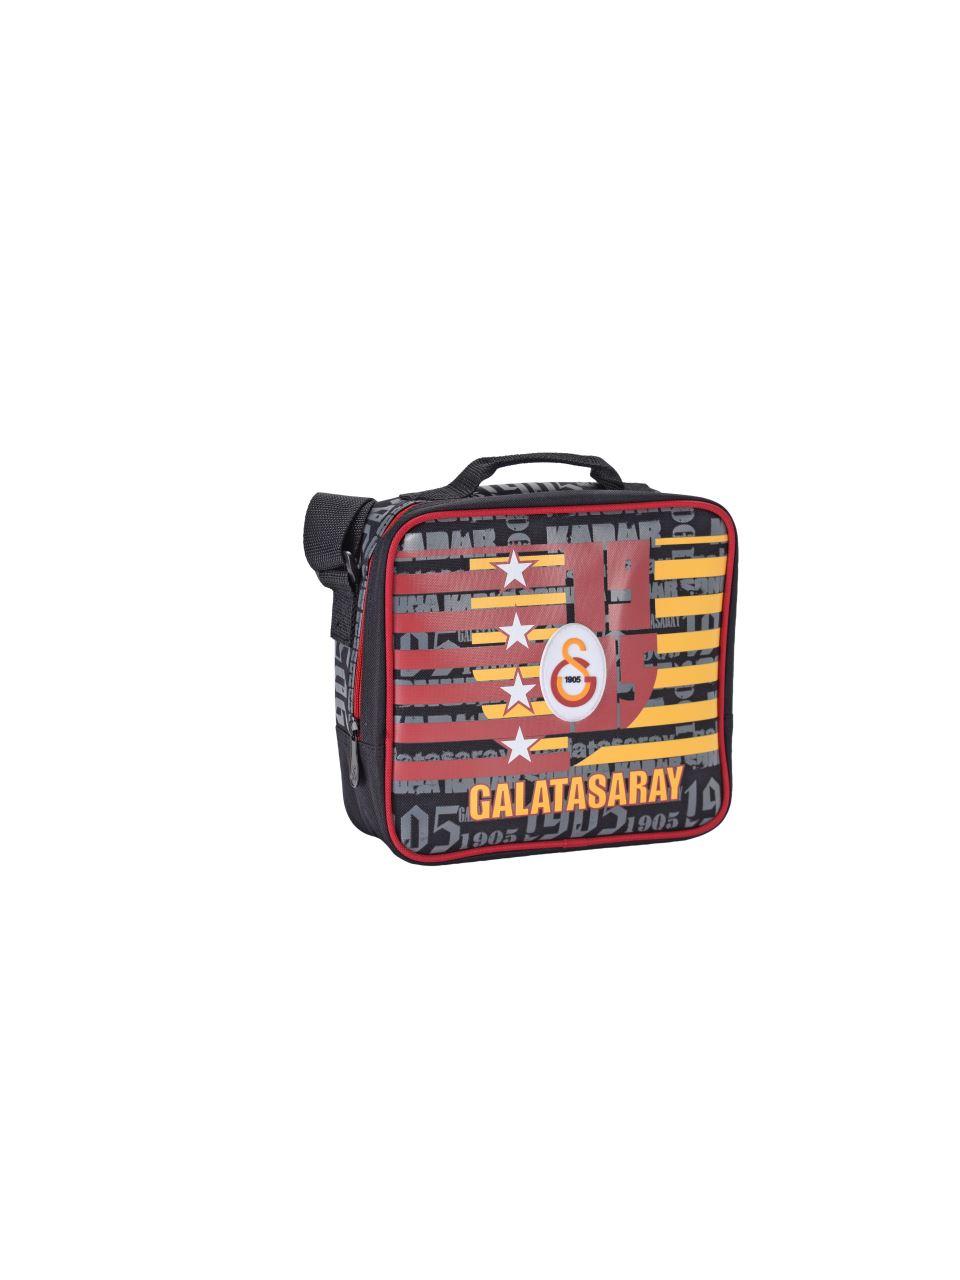 U21680 GS BESLENME ÇANTASI 86971